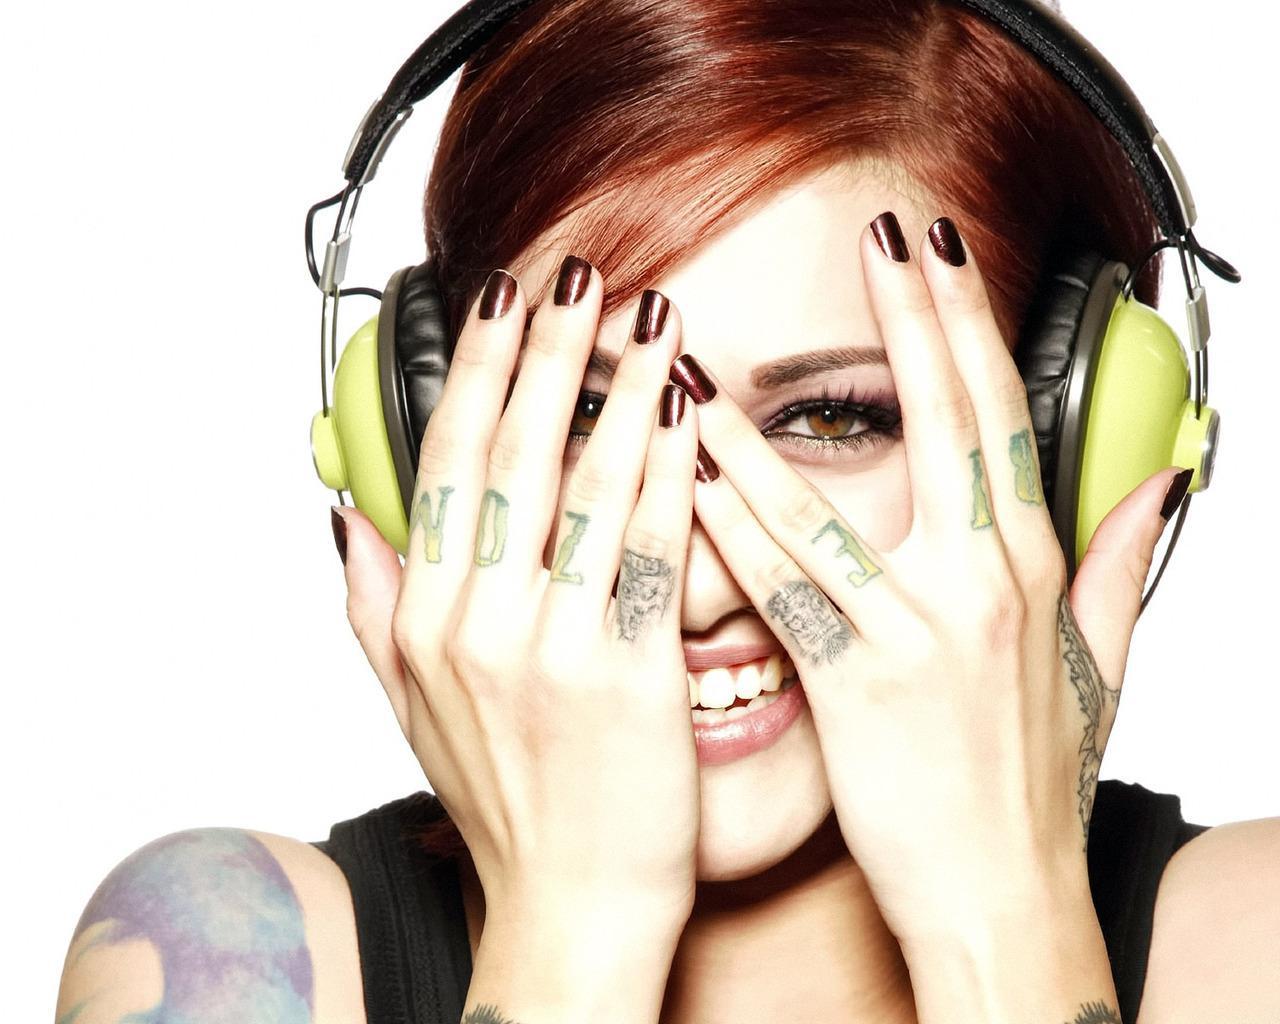 Обои татуировки на пальцах 1280x1024